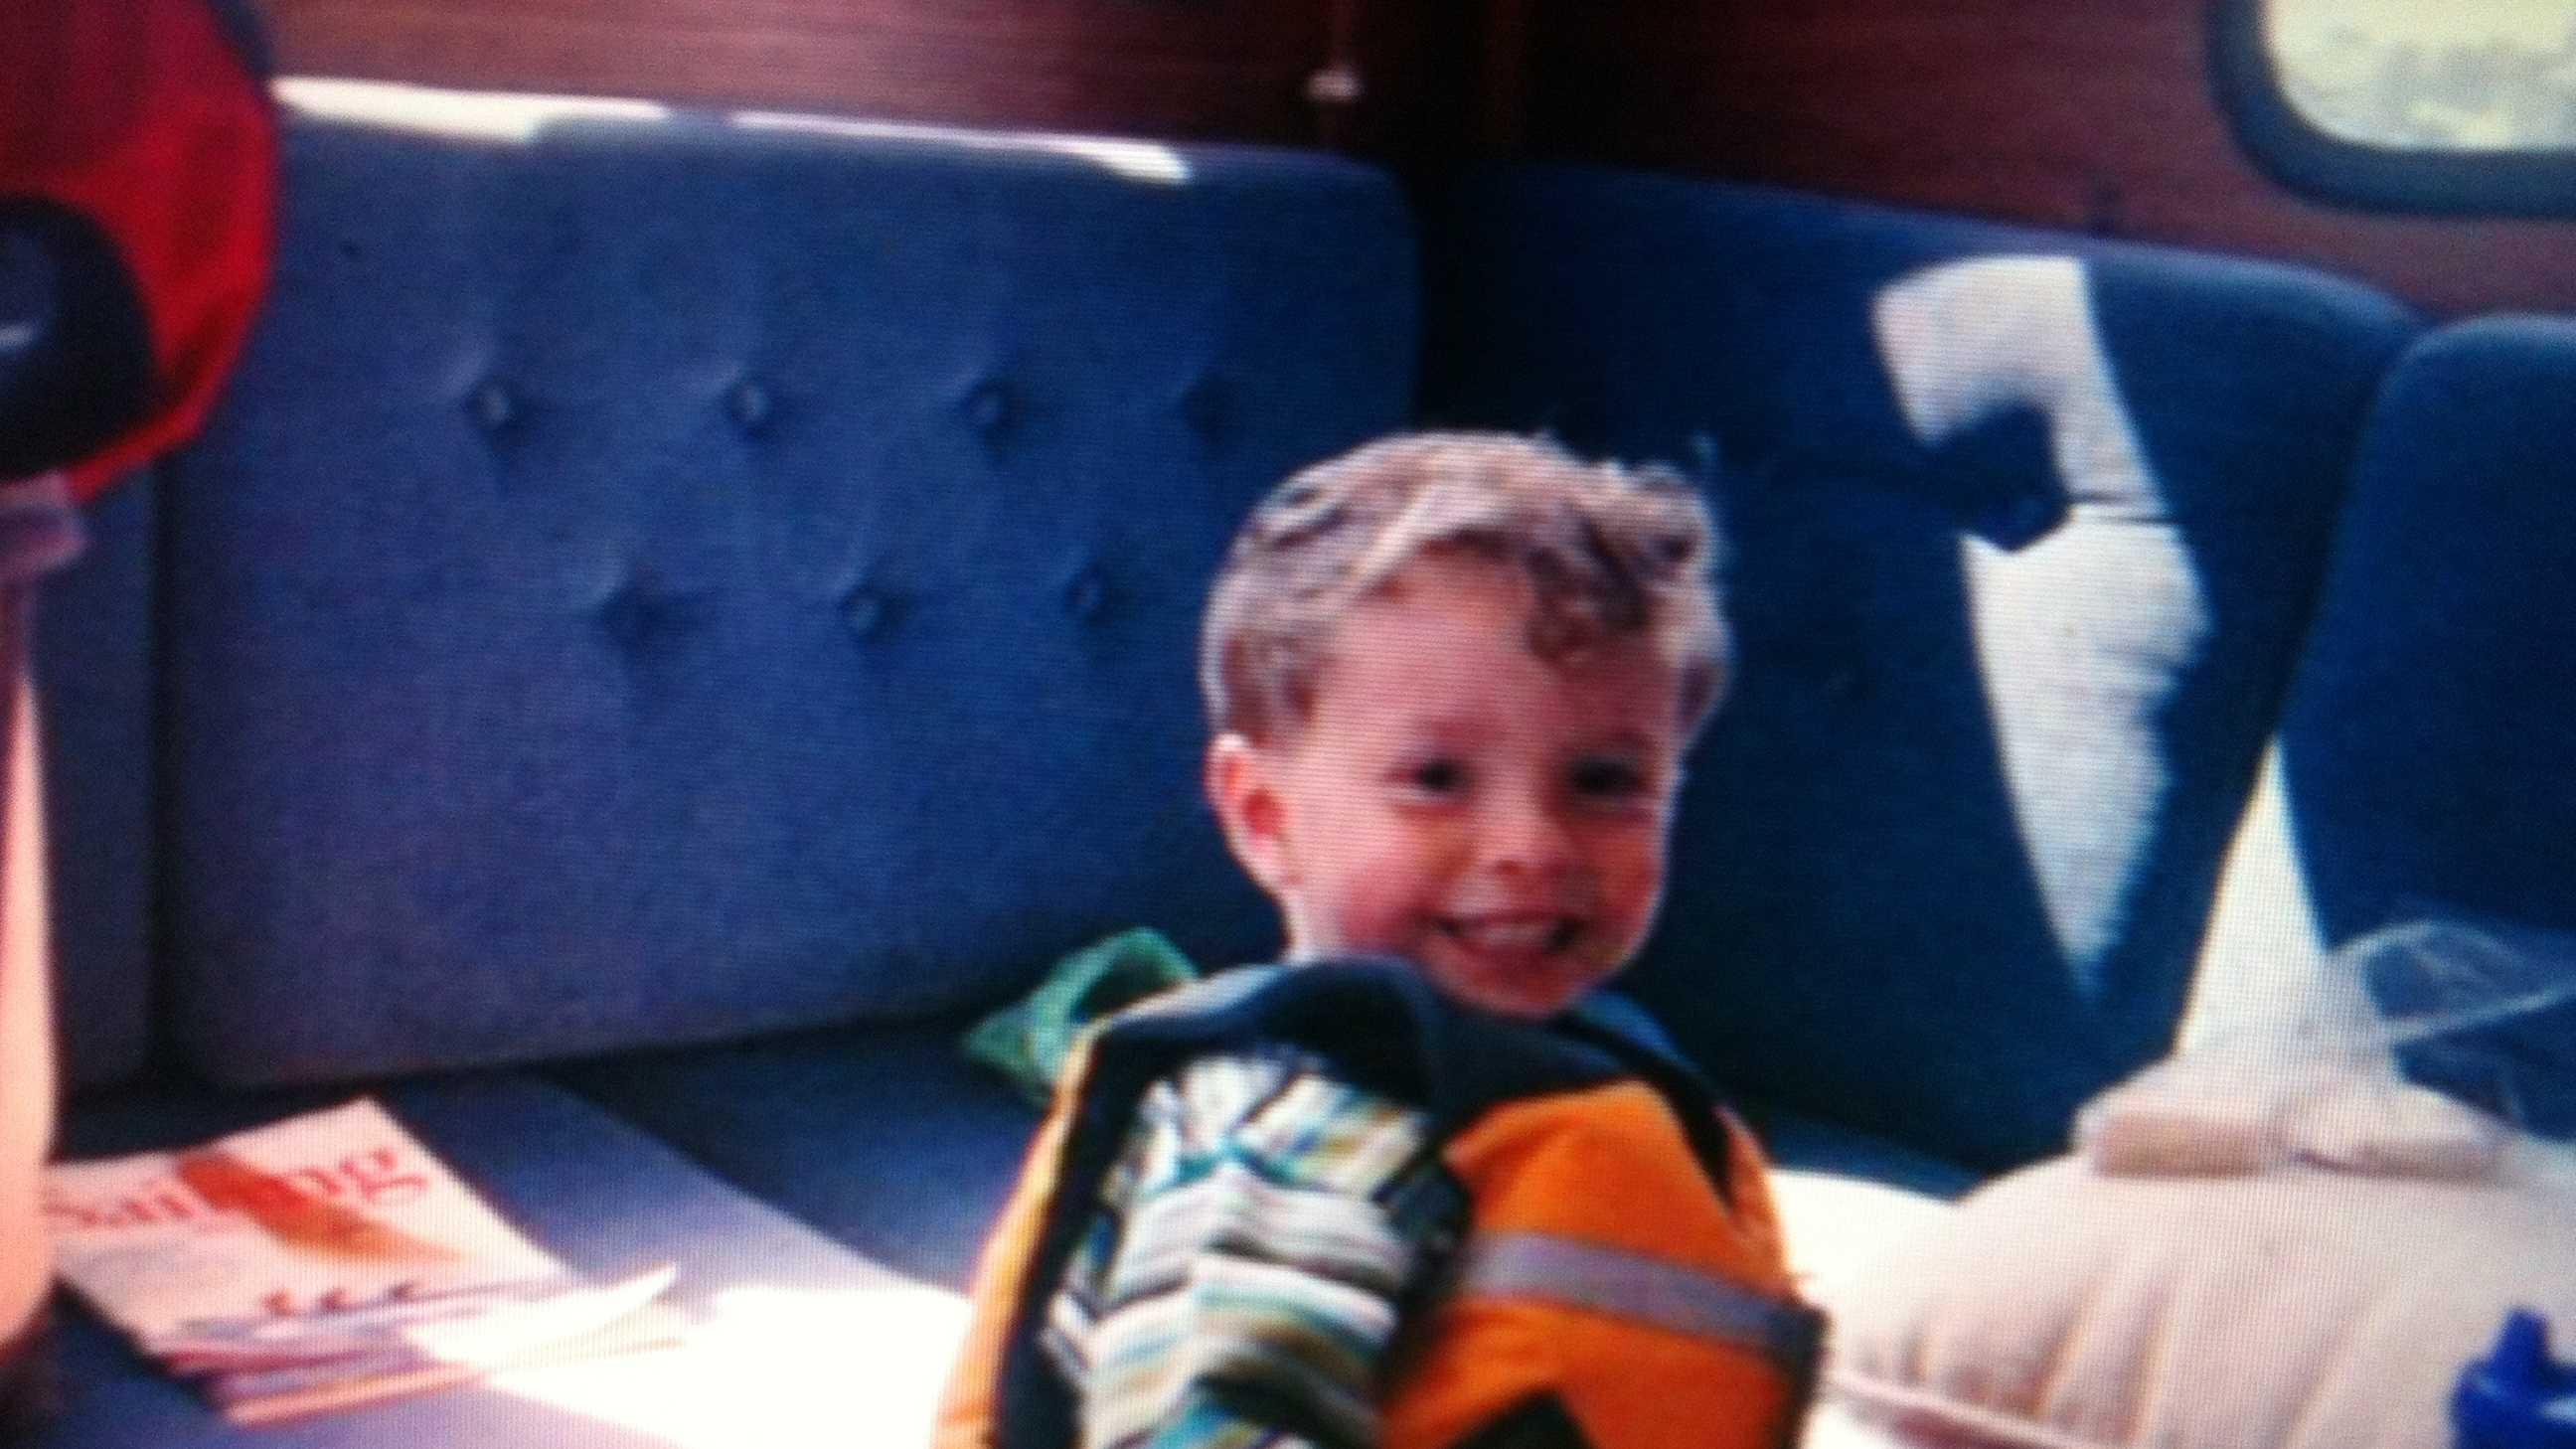 Dylan Gold Cohasset crash victim 081213